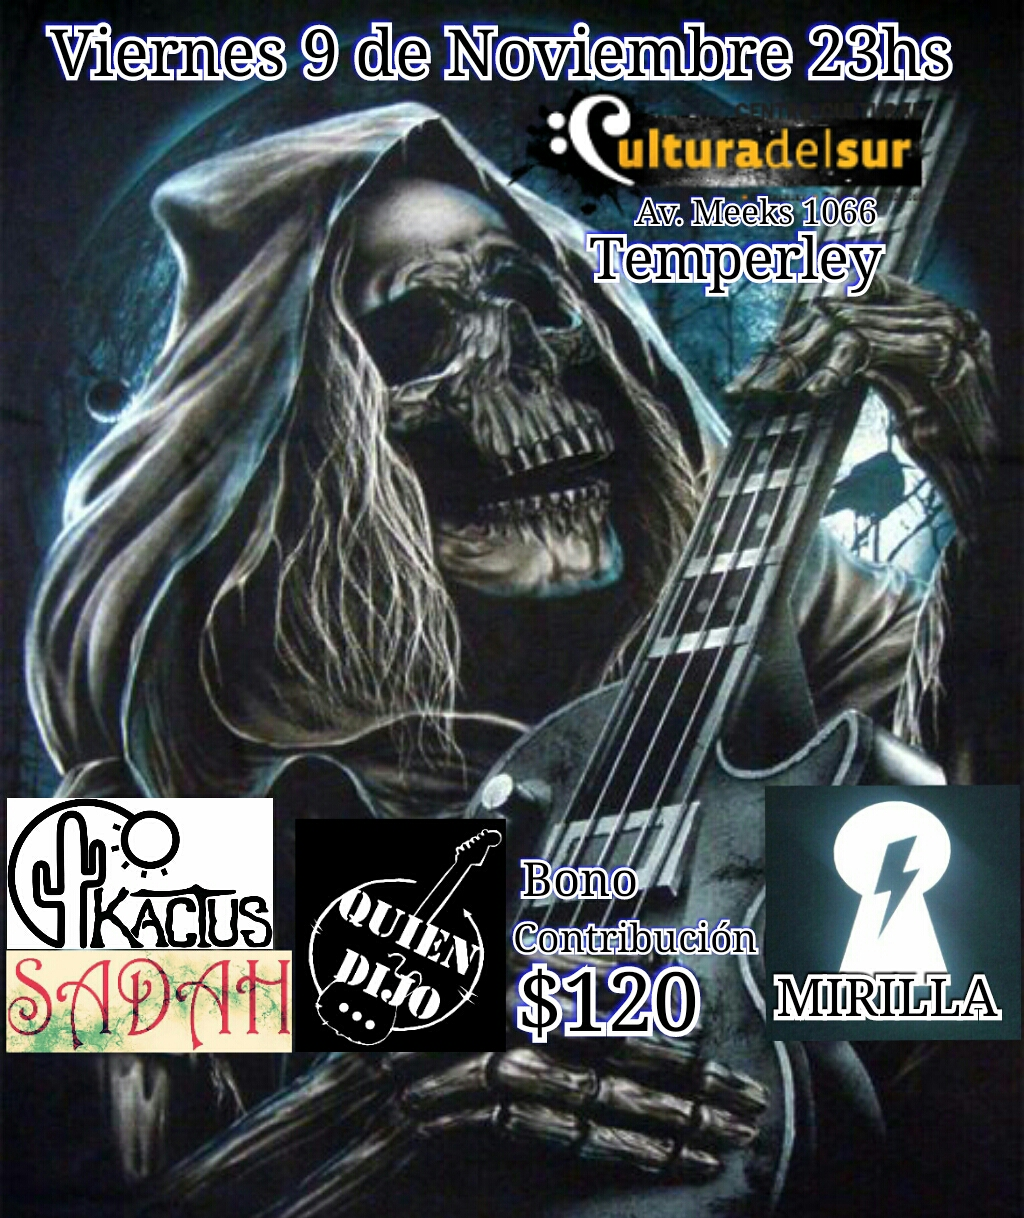 FESTIVAL DE ROCK EN CULTURA ROCK